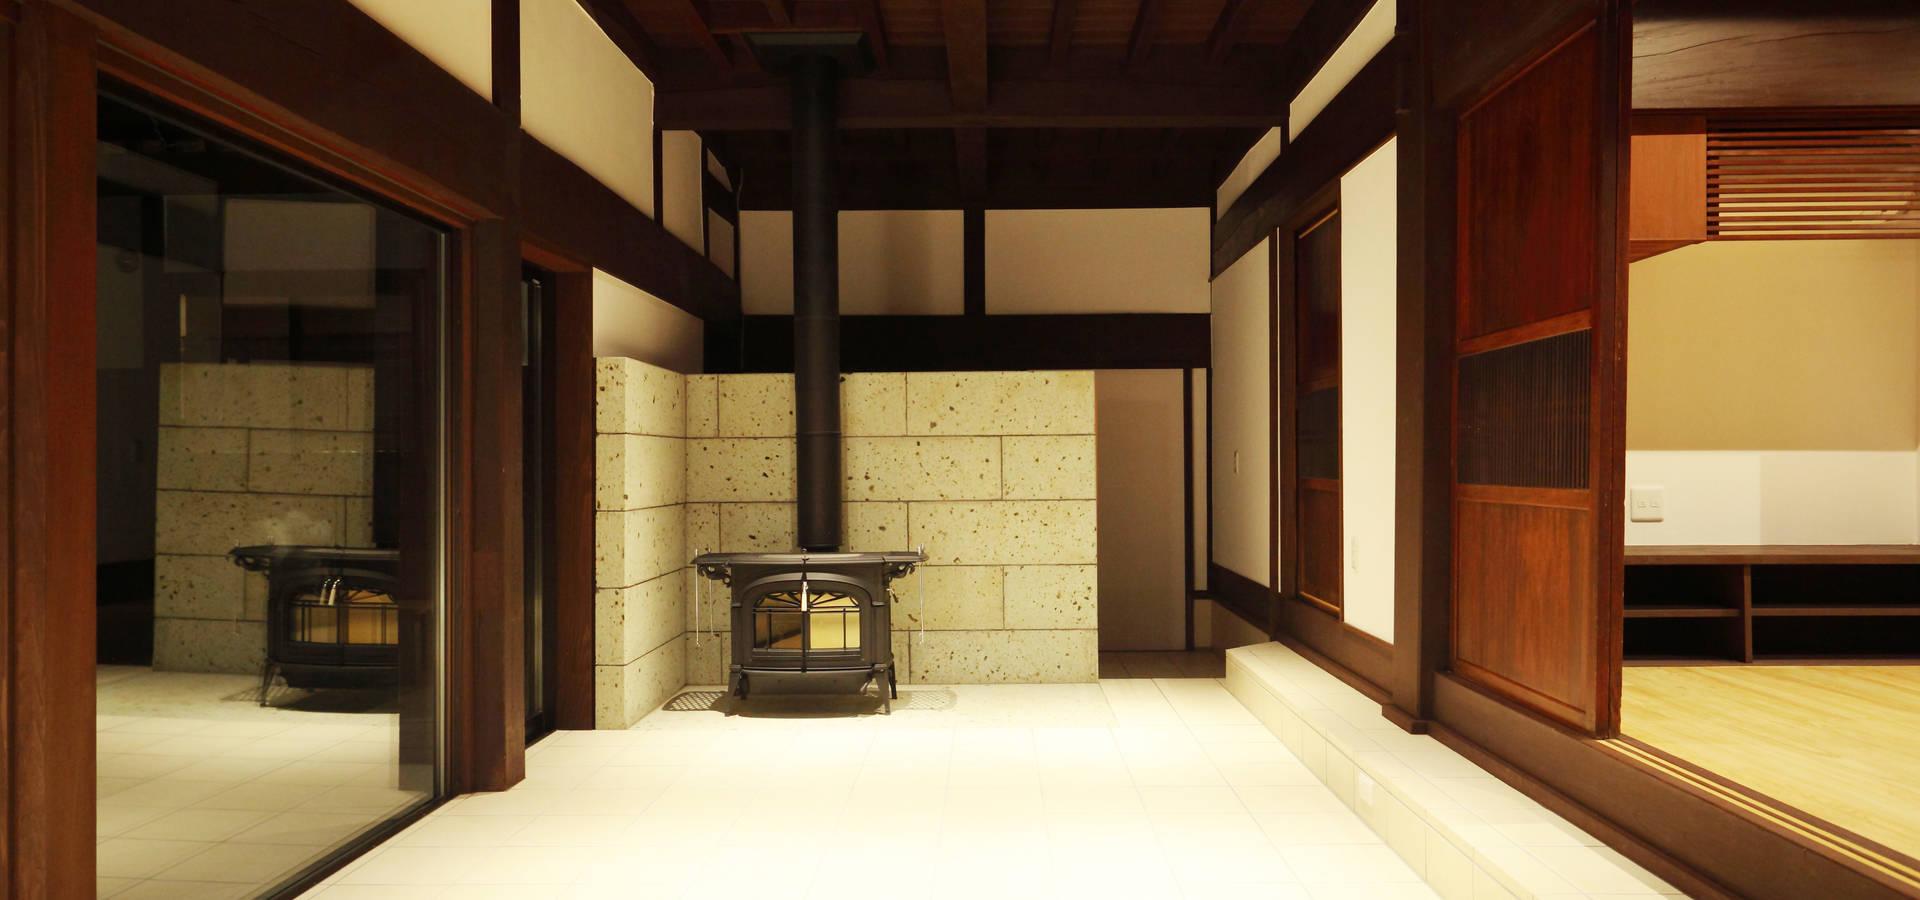 ㈱カナザワ建築設計事務所/KANAZAWA Architects Design Office